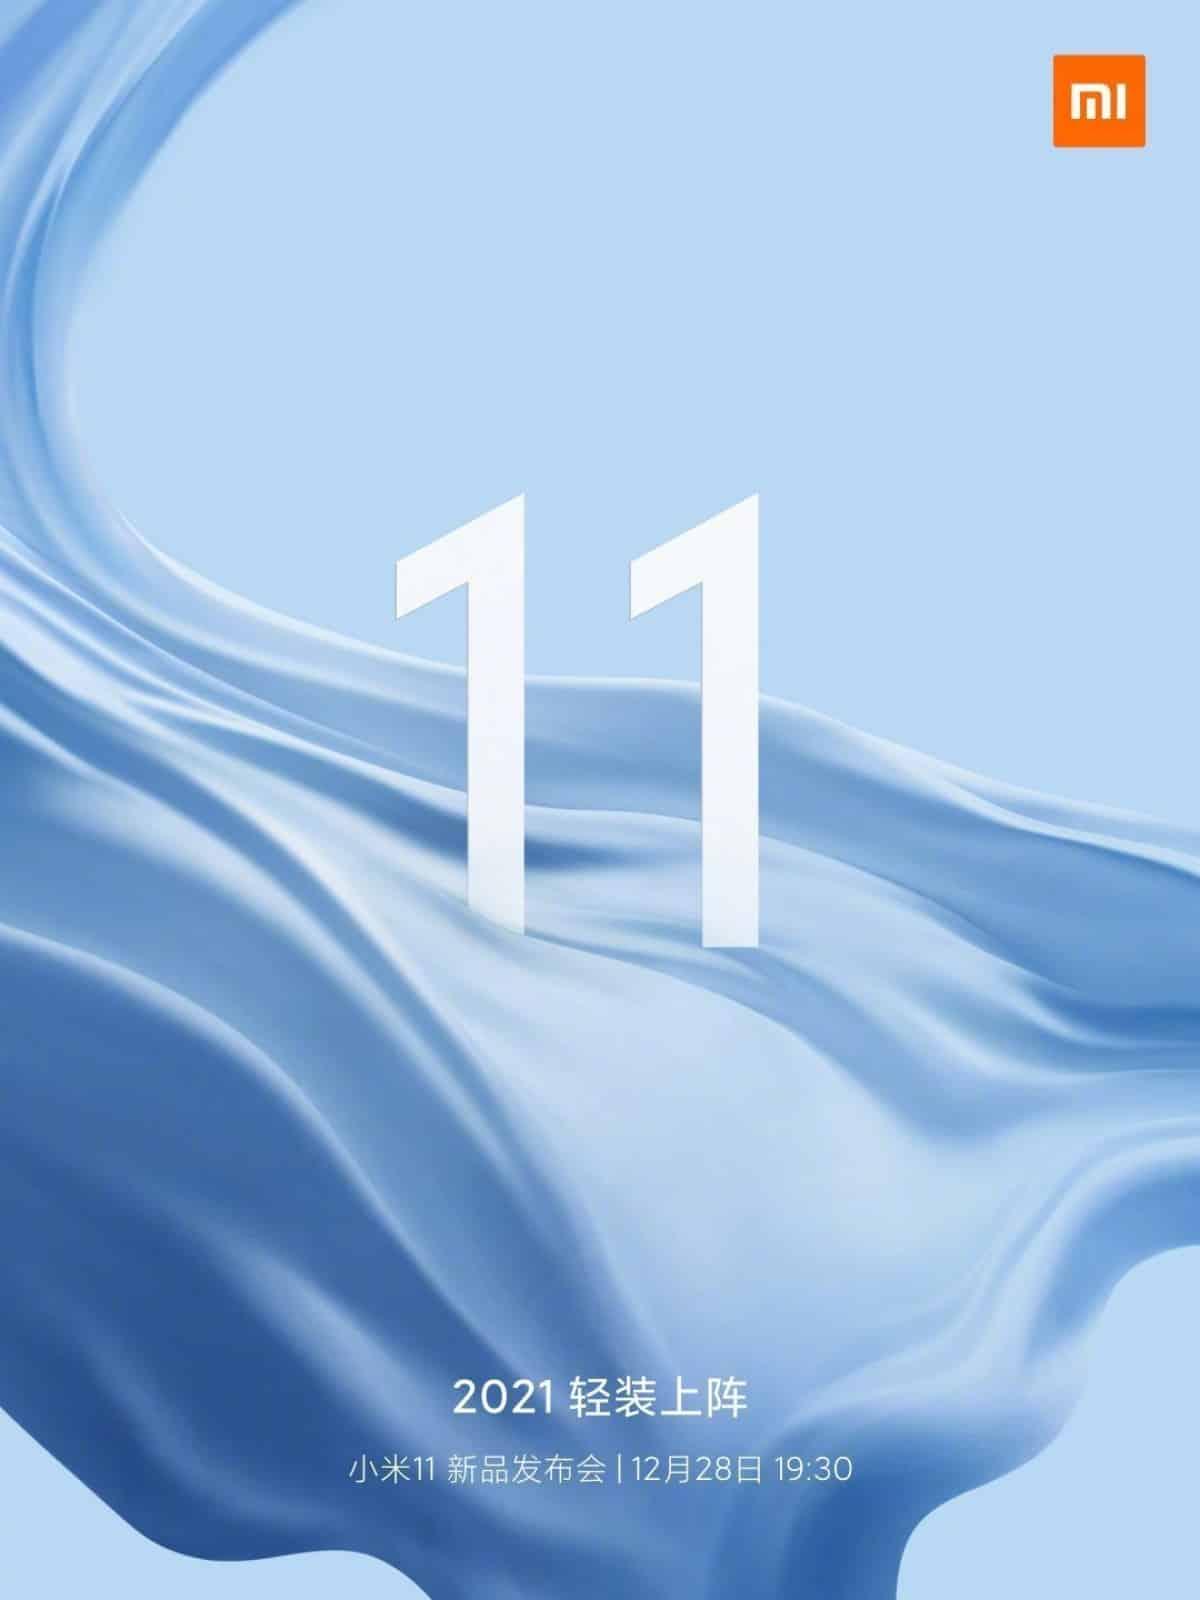 Xiaomi Mi 11 Official Teaser